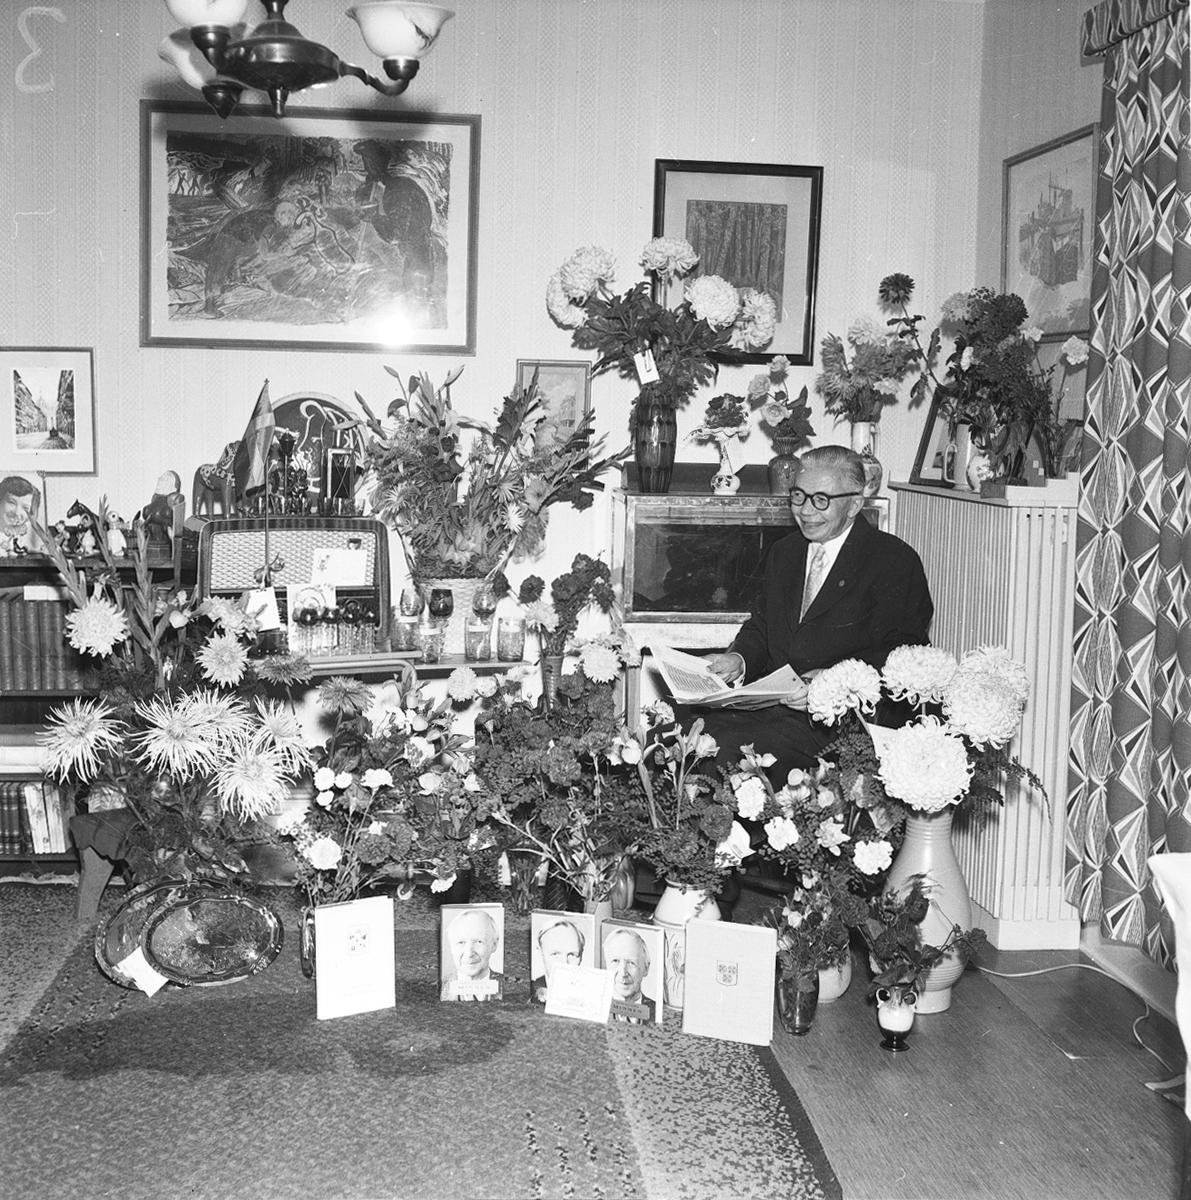 Revisorn Evald Larssons 60 årsdagen. 2 oktober 1956. c/o Carl Larsson.